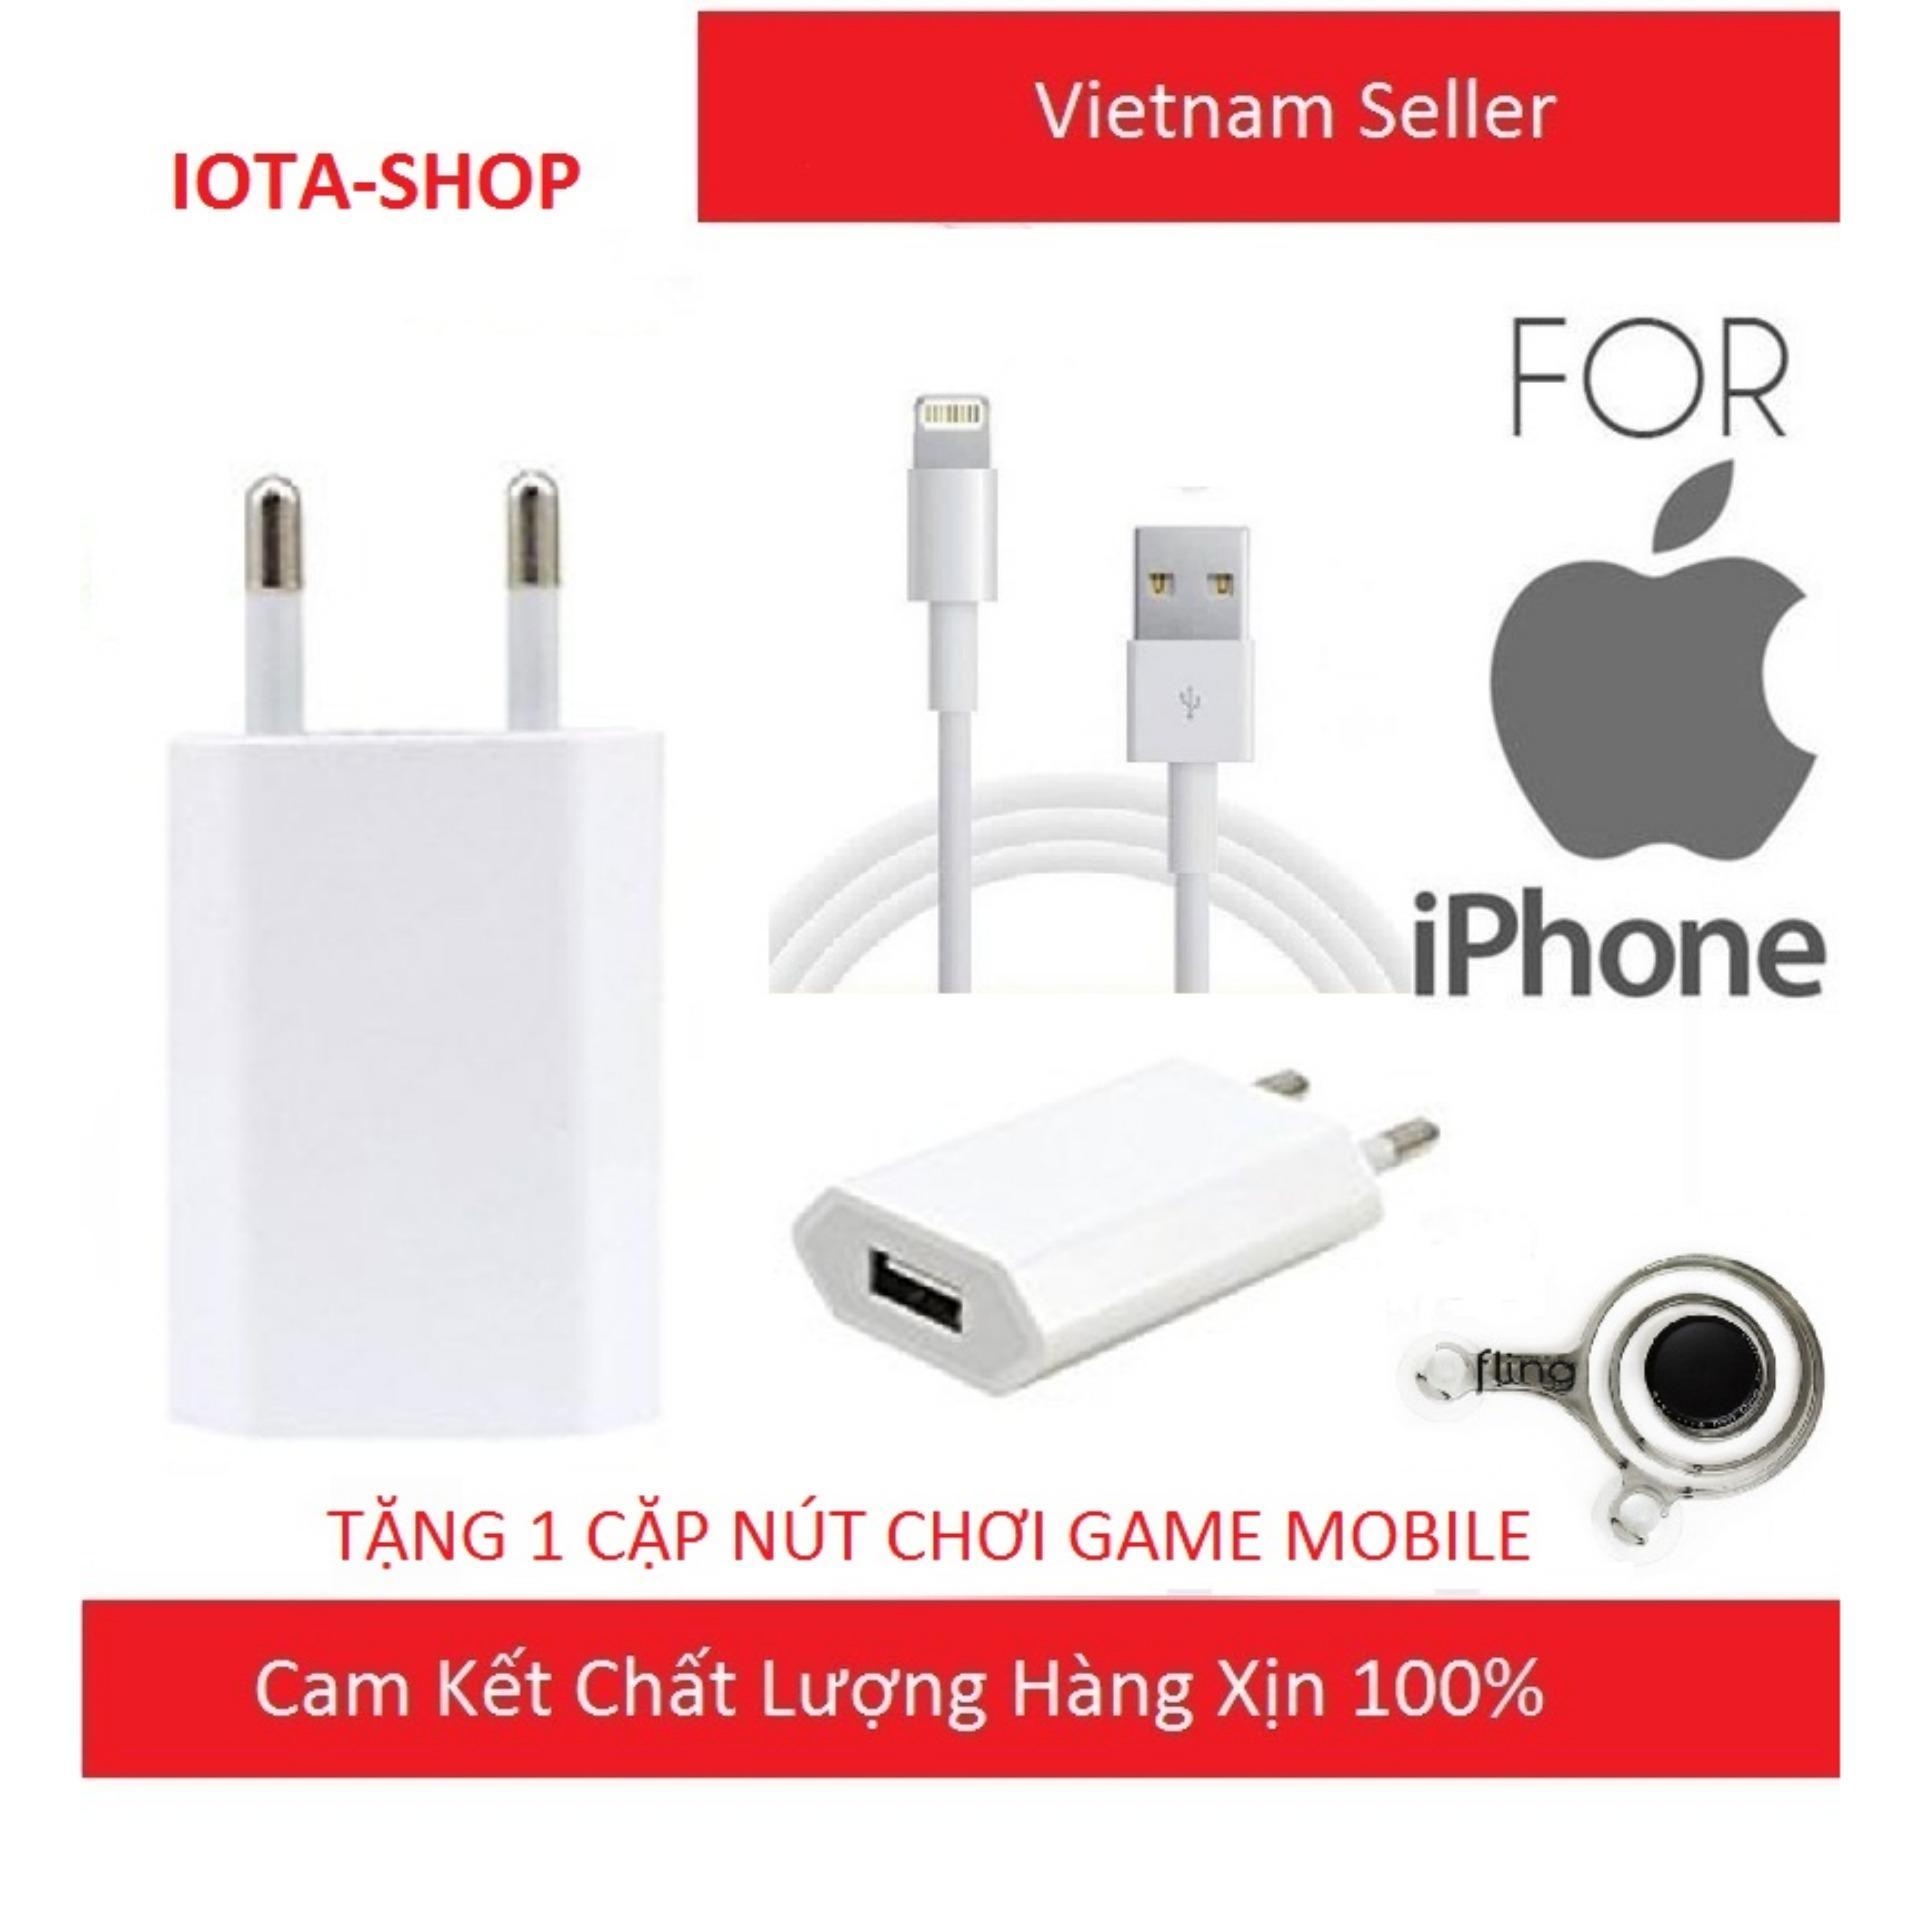 Bộ Cốc Và Cáp Sạc Dẹt Zin Theo Máy Iphone 6-7, 6-7Plus